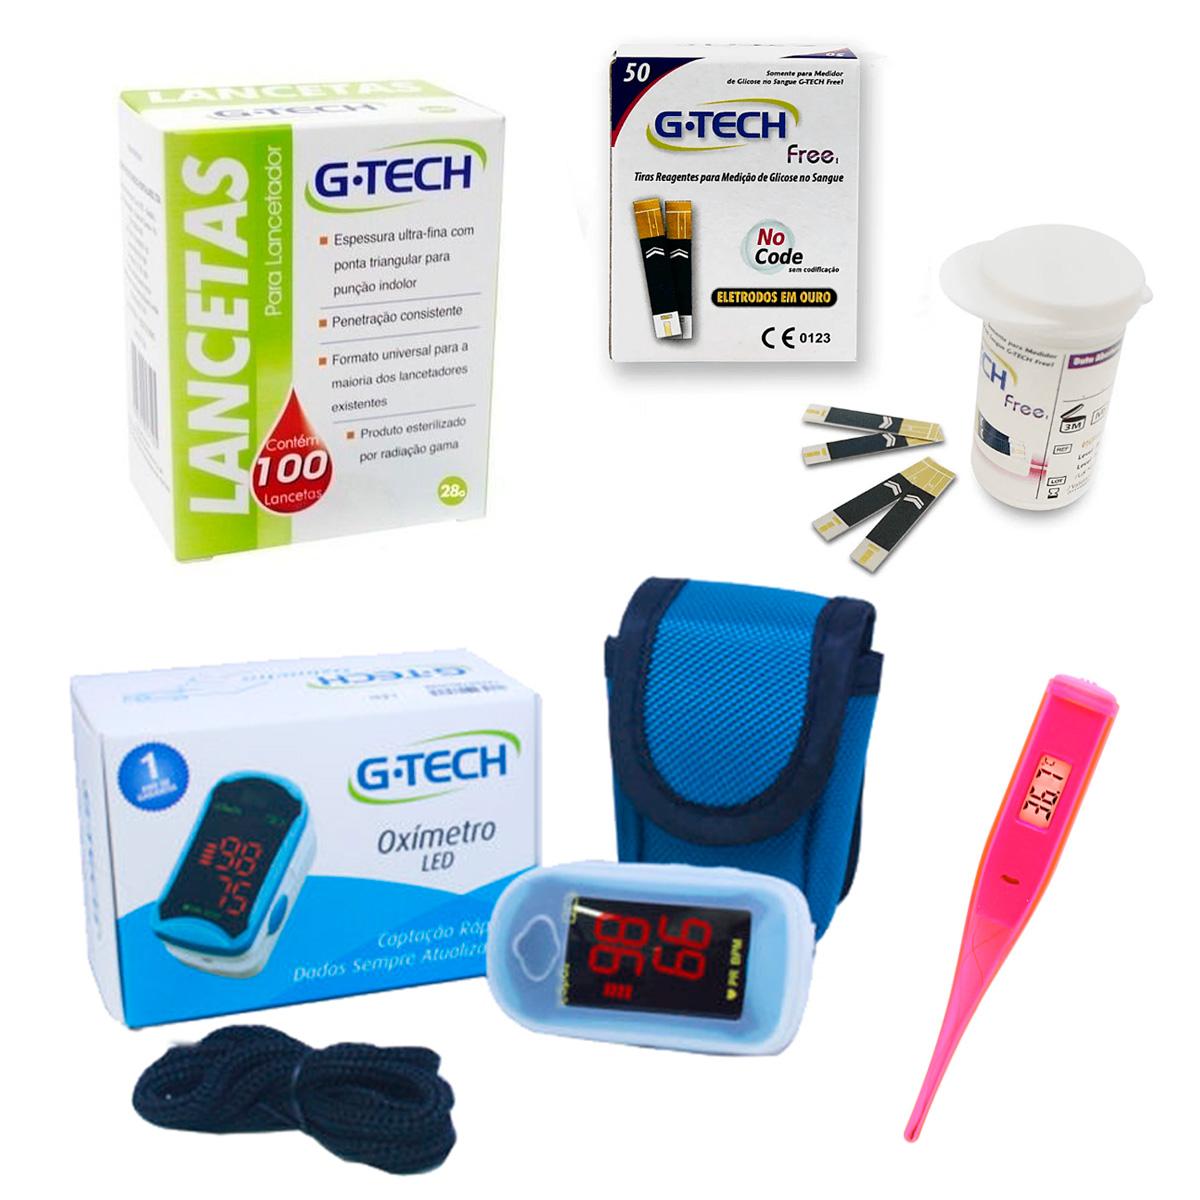 Kit G-tech tiras reagentes + lancetas + oxímetro  + mini termômetro